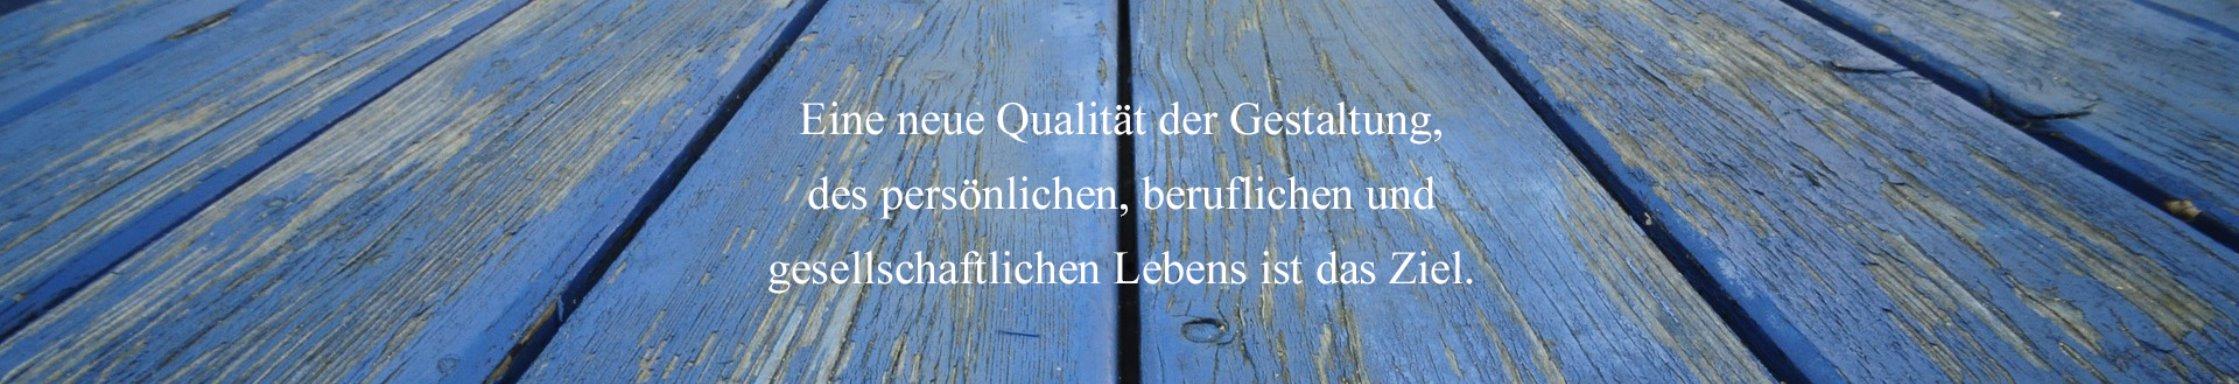 Katholische Erwachsenenbildung in Hessen Projekte